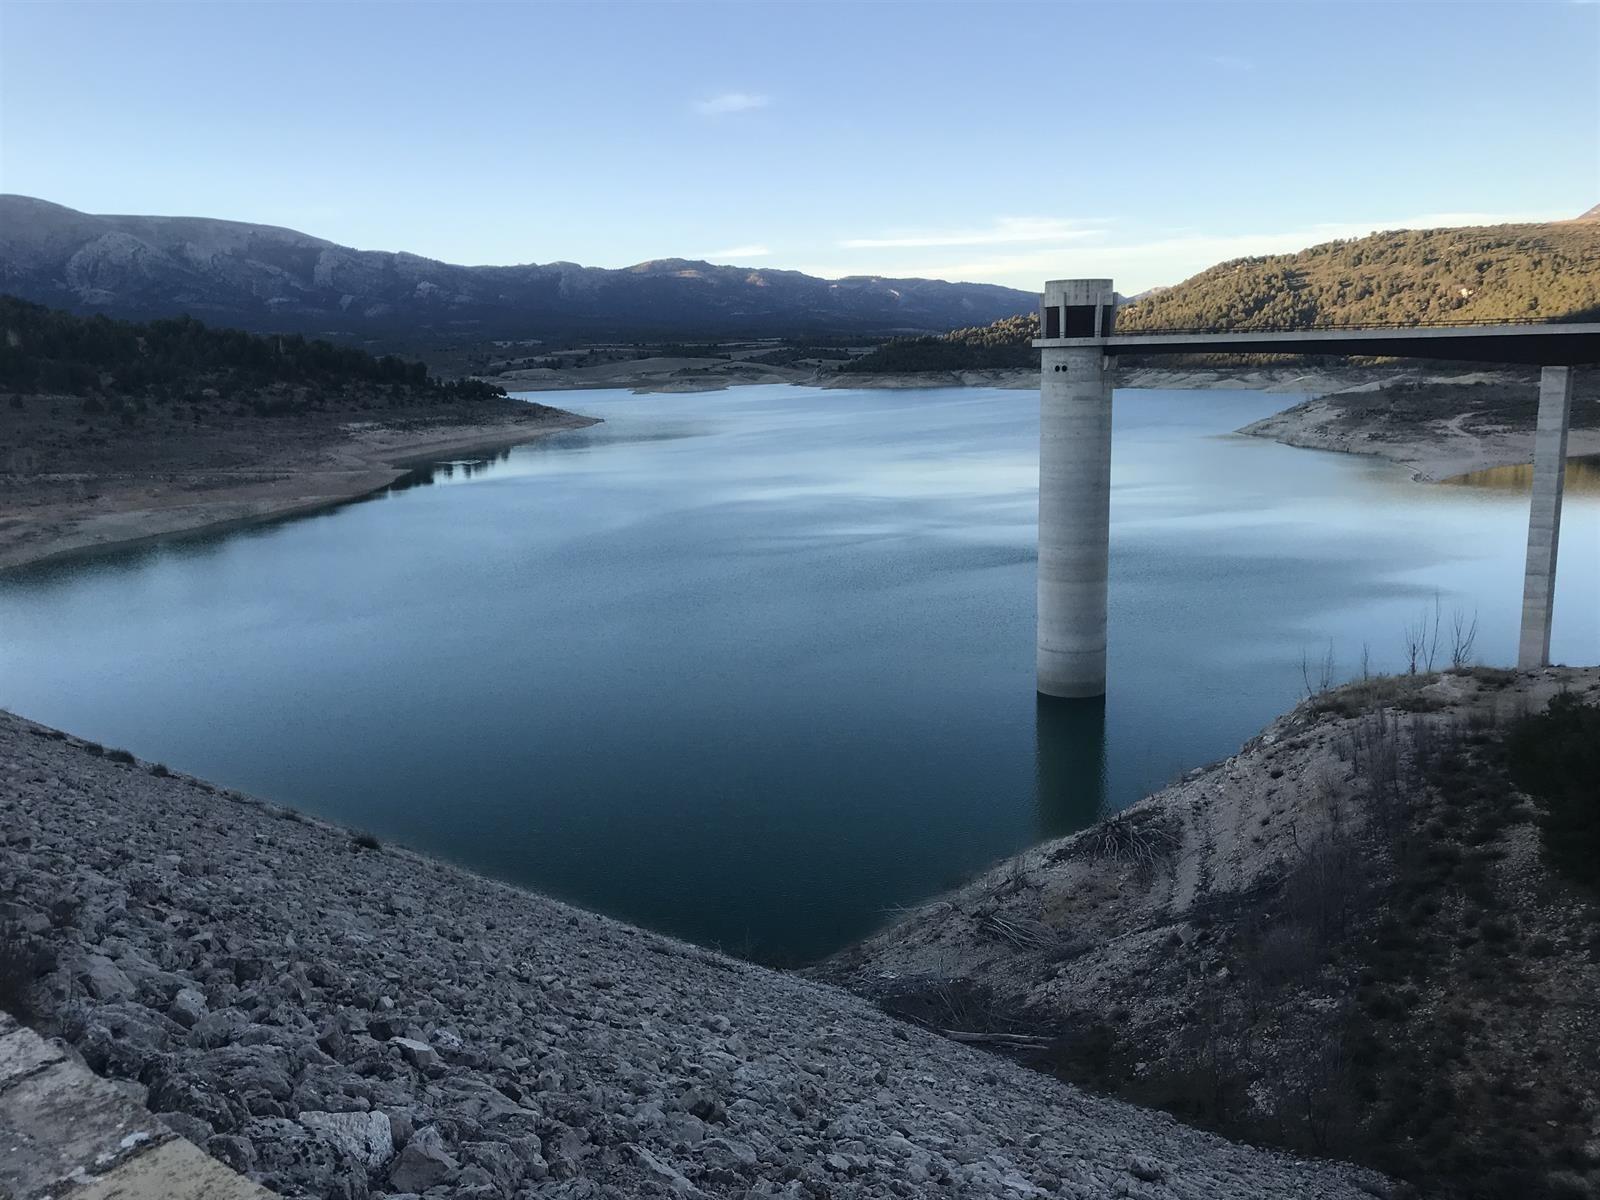 Agricultores y ganaderos exigen la reparación de filtraciones en el pantano de San Clemente, en Huéscar